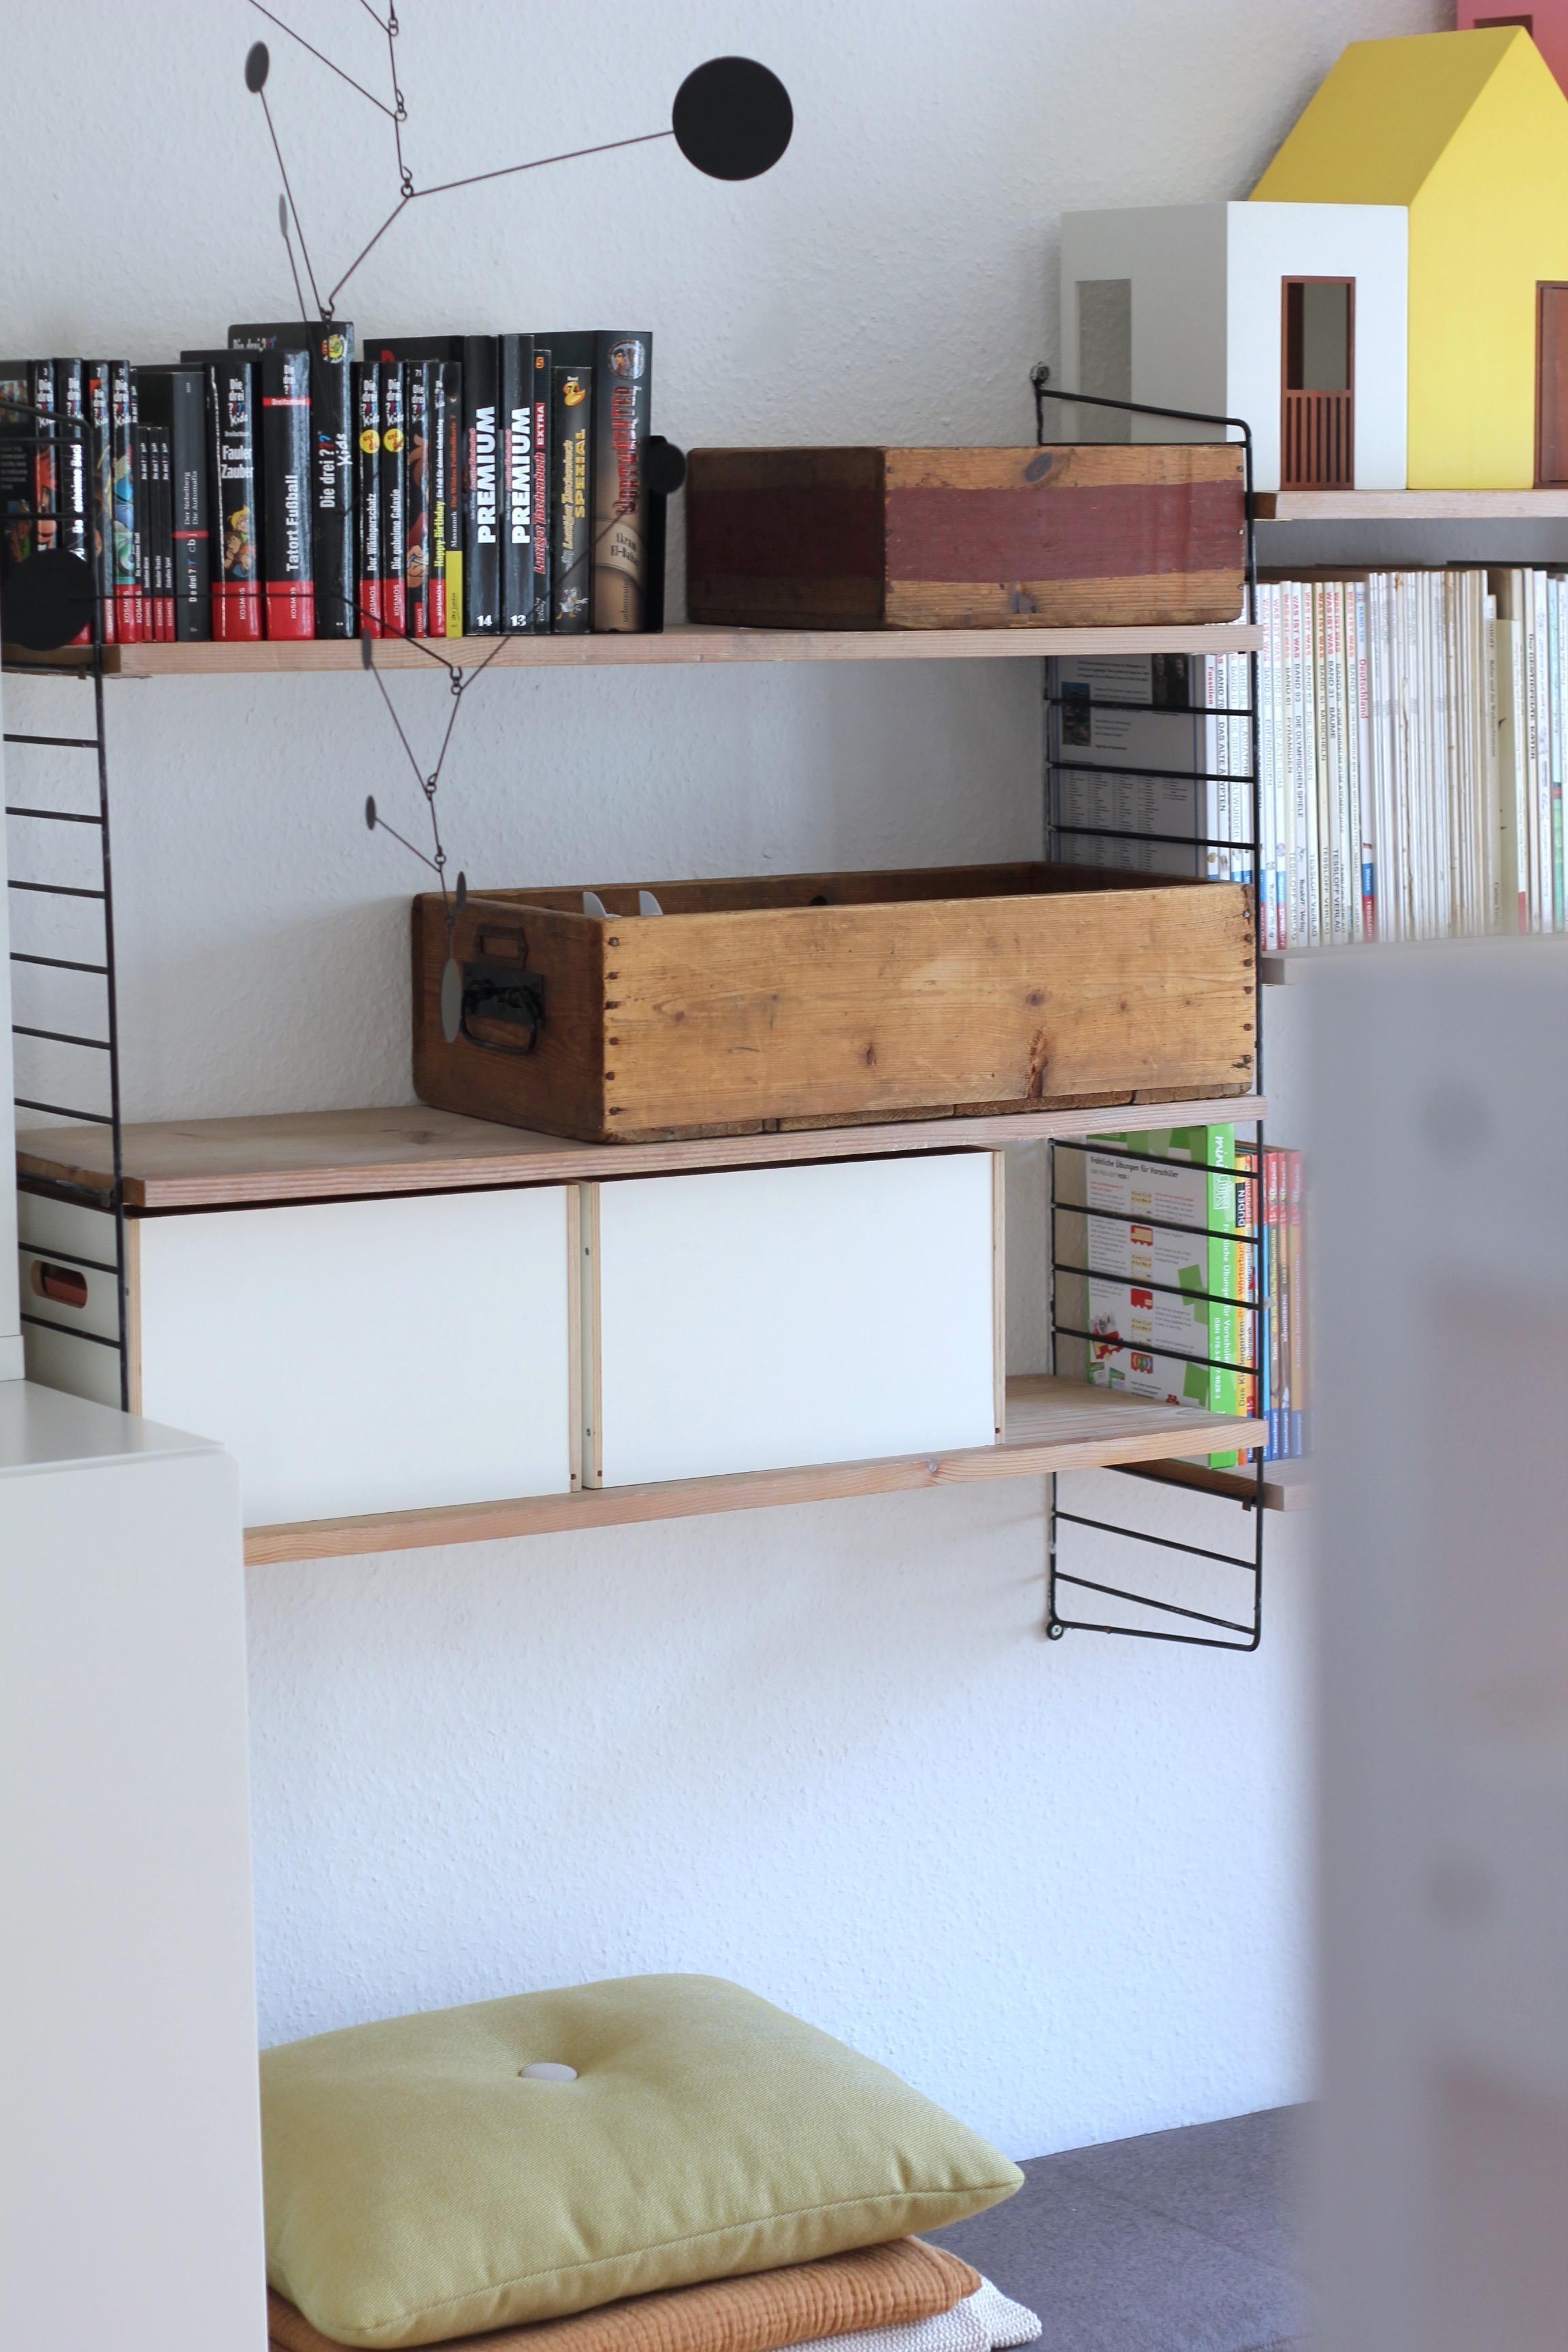 kinderbett mit stauraum bilder ideen couch. Black Bedroom Furniture Sets. Home Design Ideas